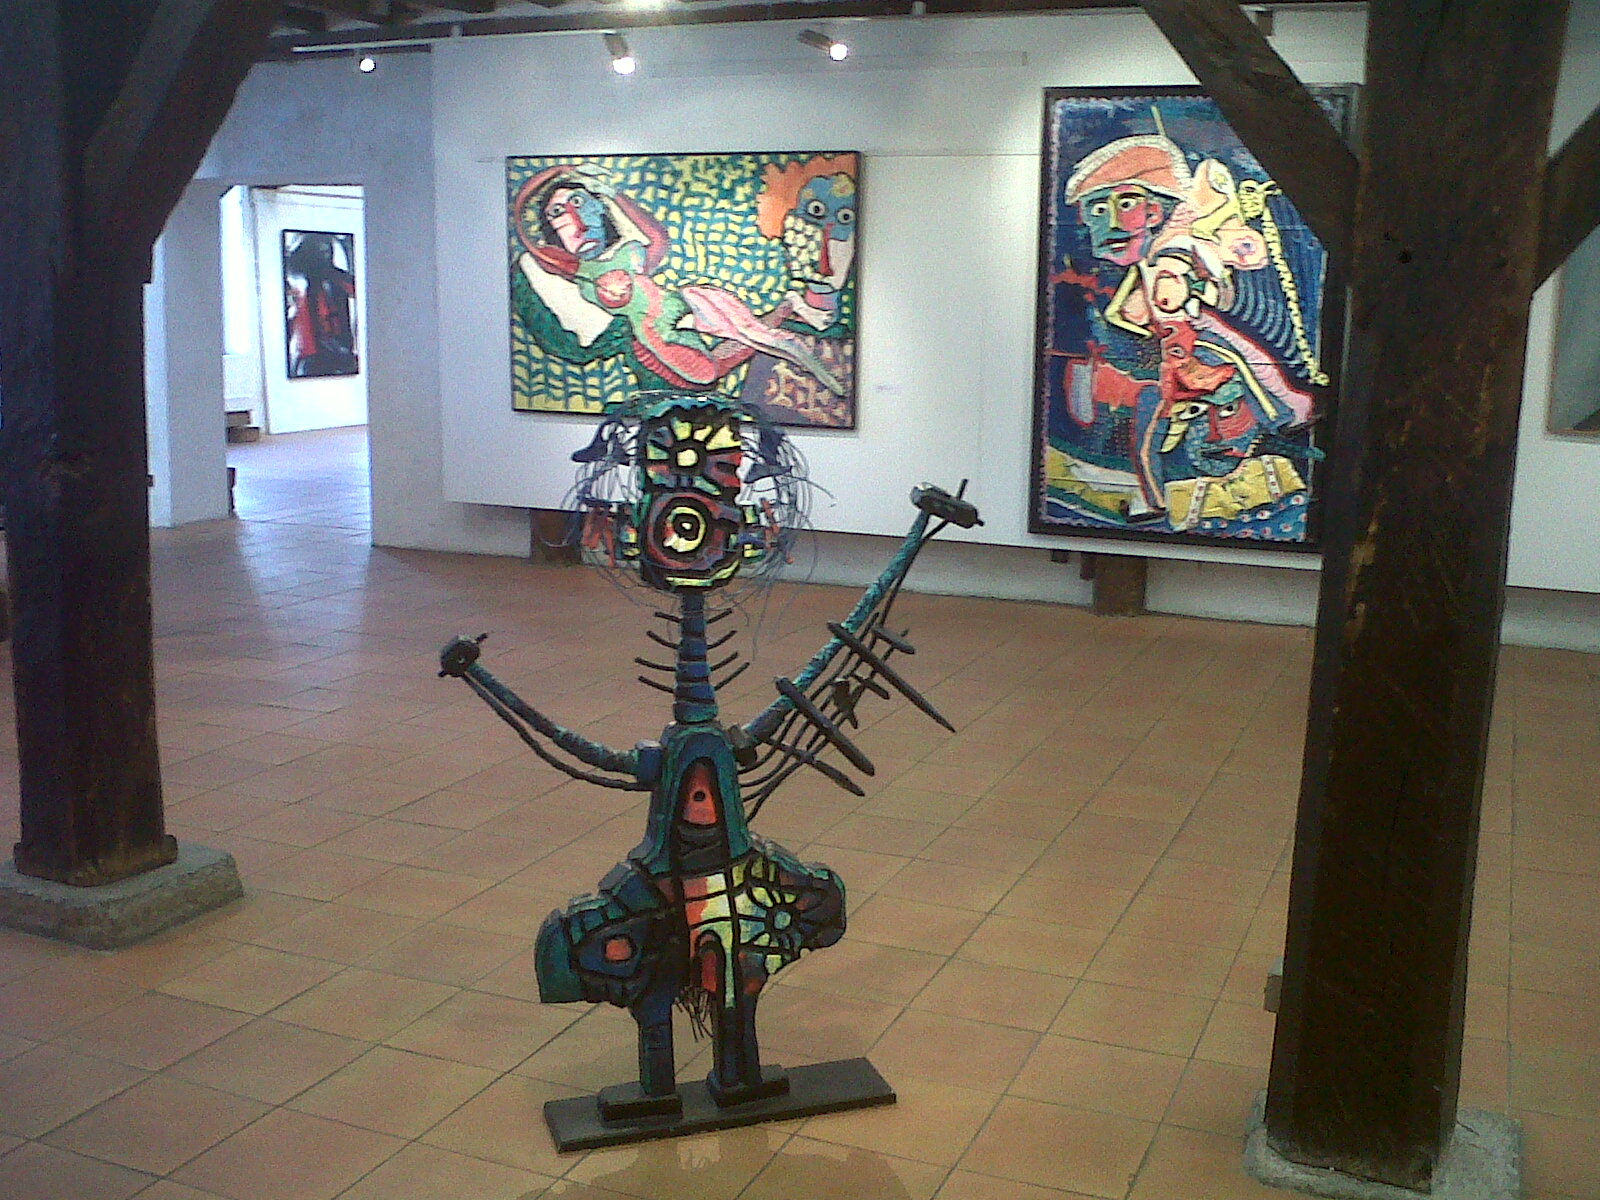 Une sculpture de Patrick Guallino. En arrière plan deux toiles de Joël Crespin.